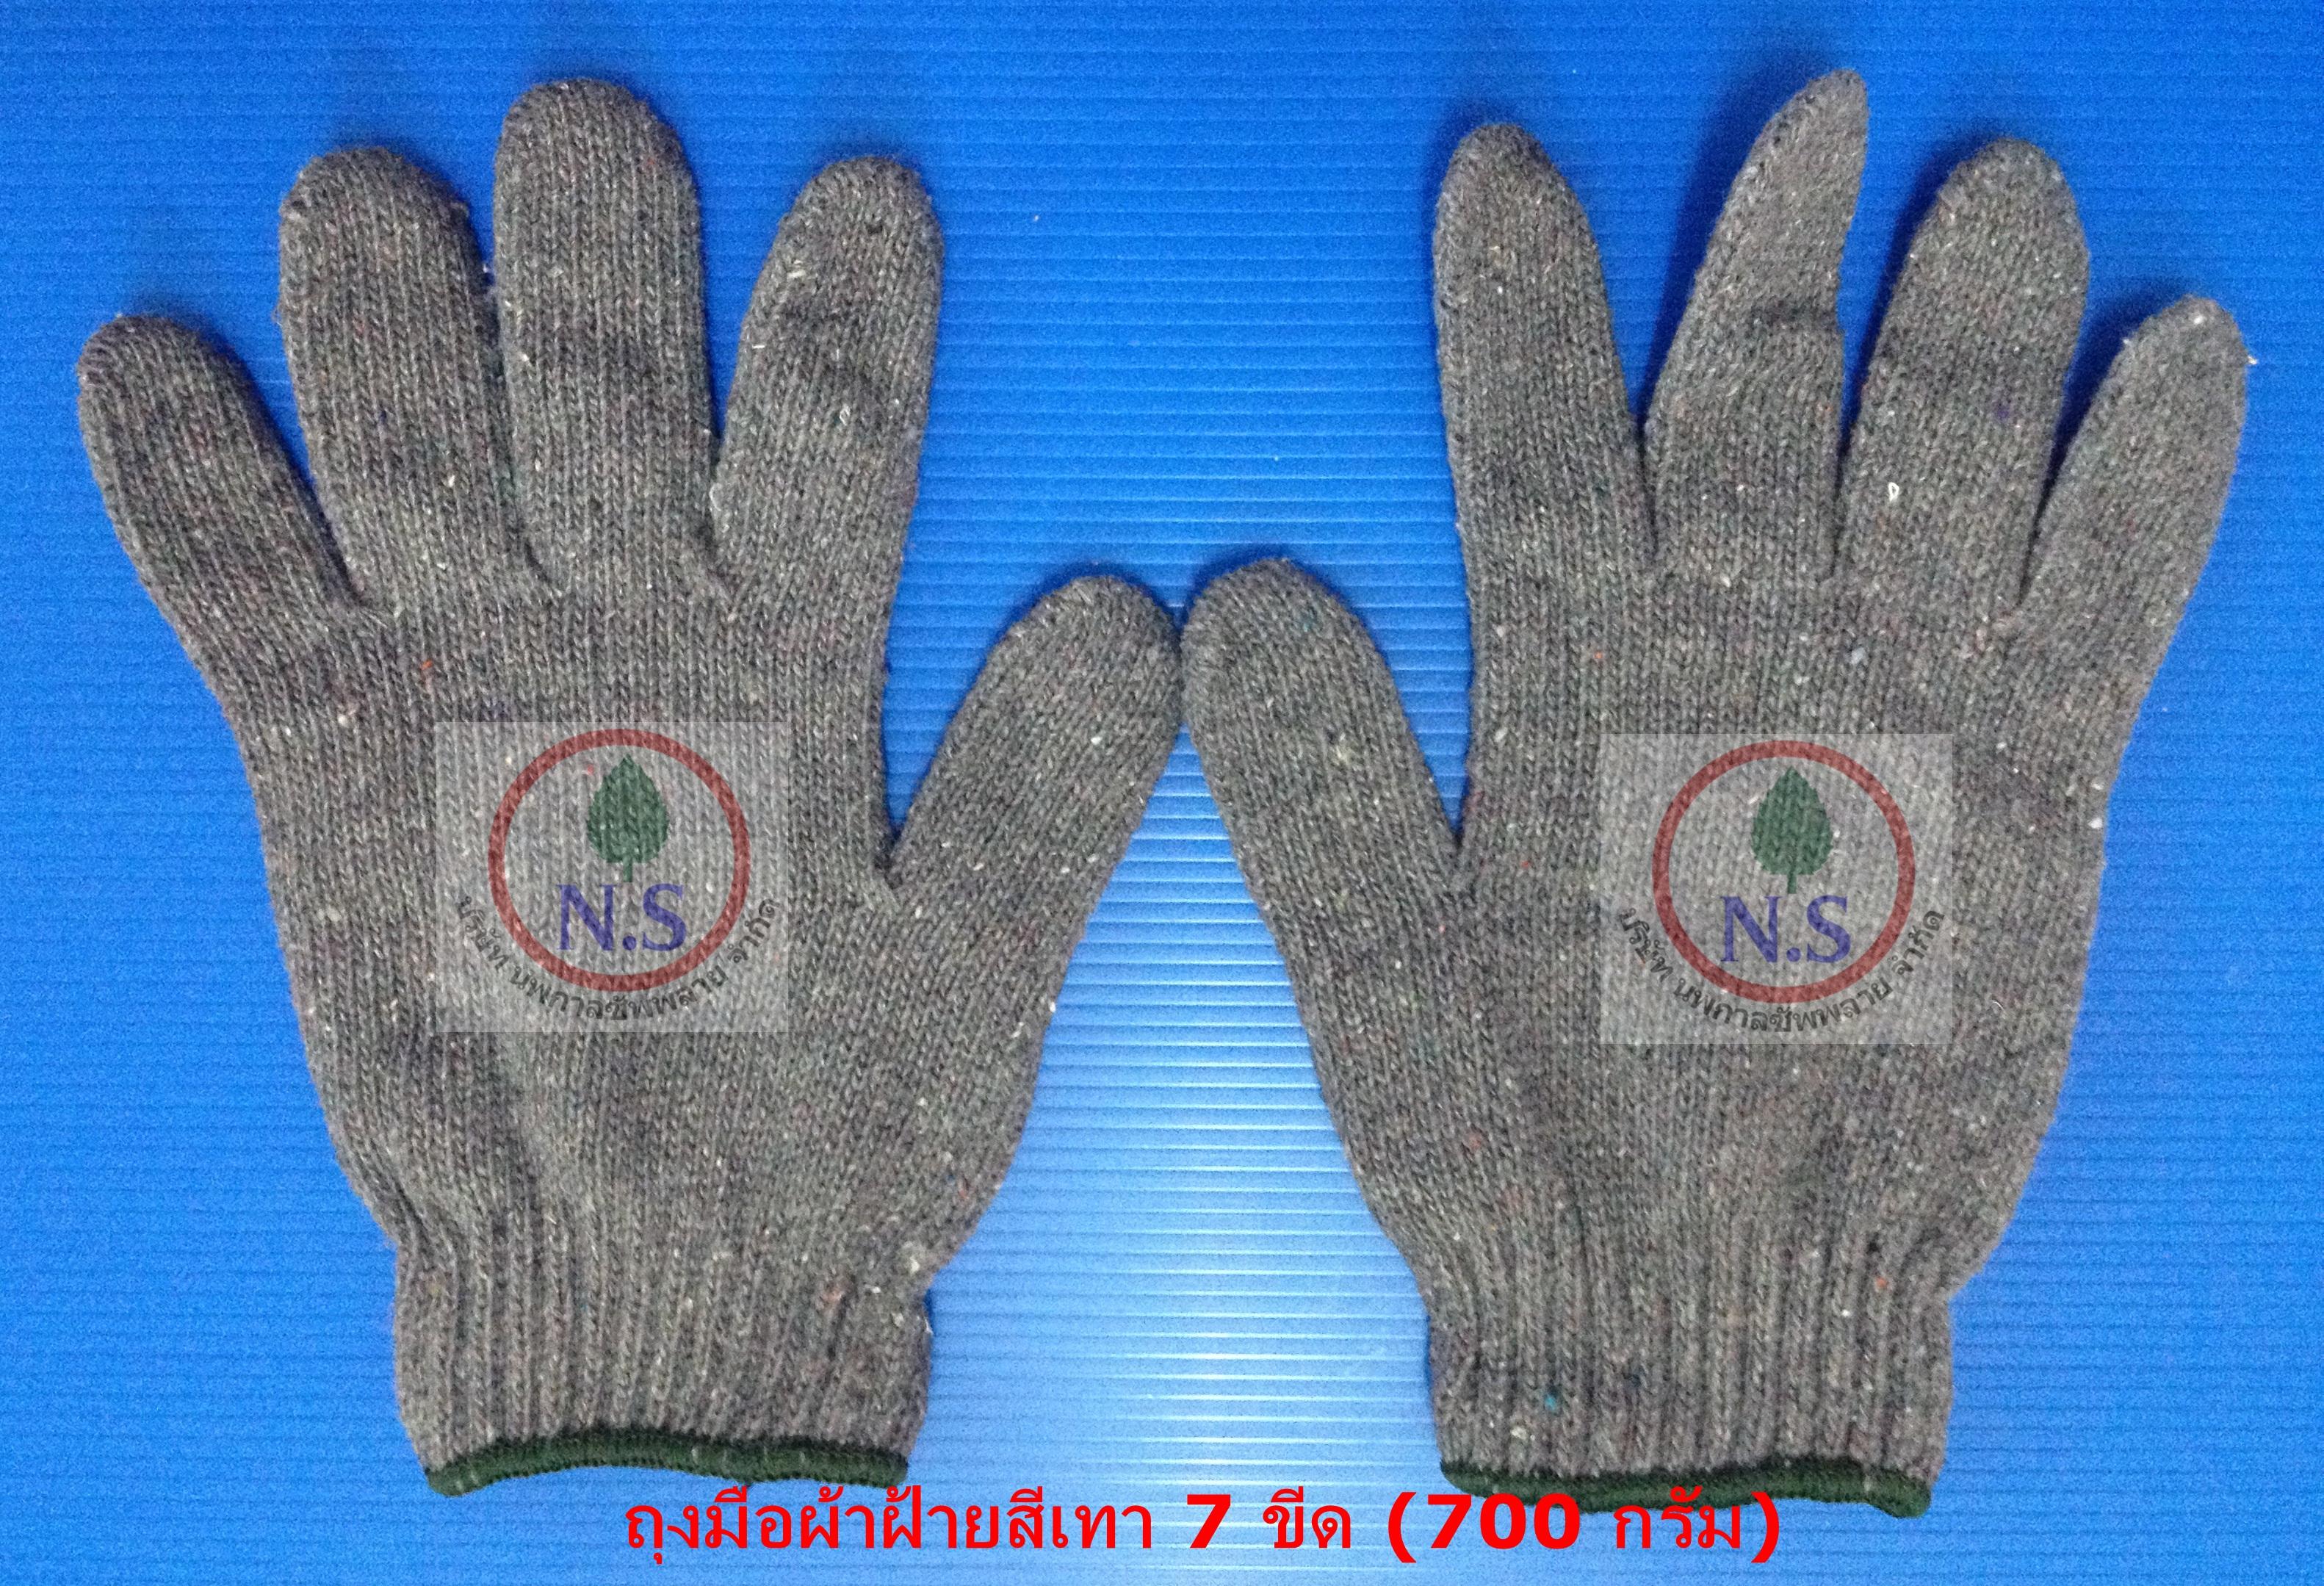 ถุงมือผ้าฝ้ายสีเทา 7 ขีด (700 กรัม)